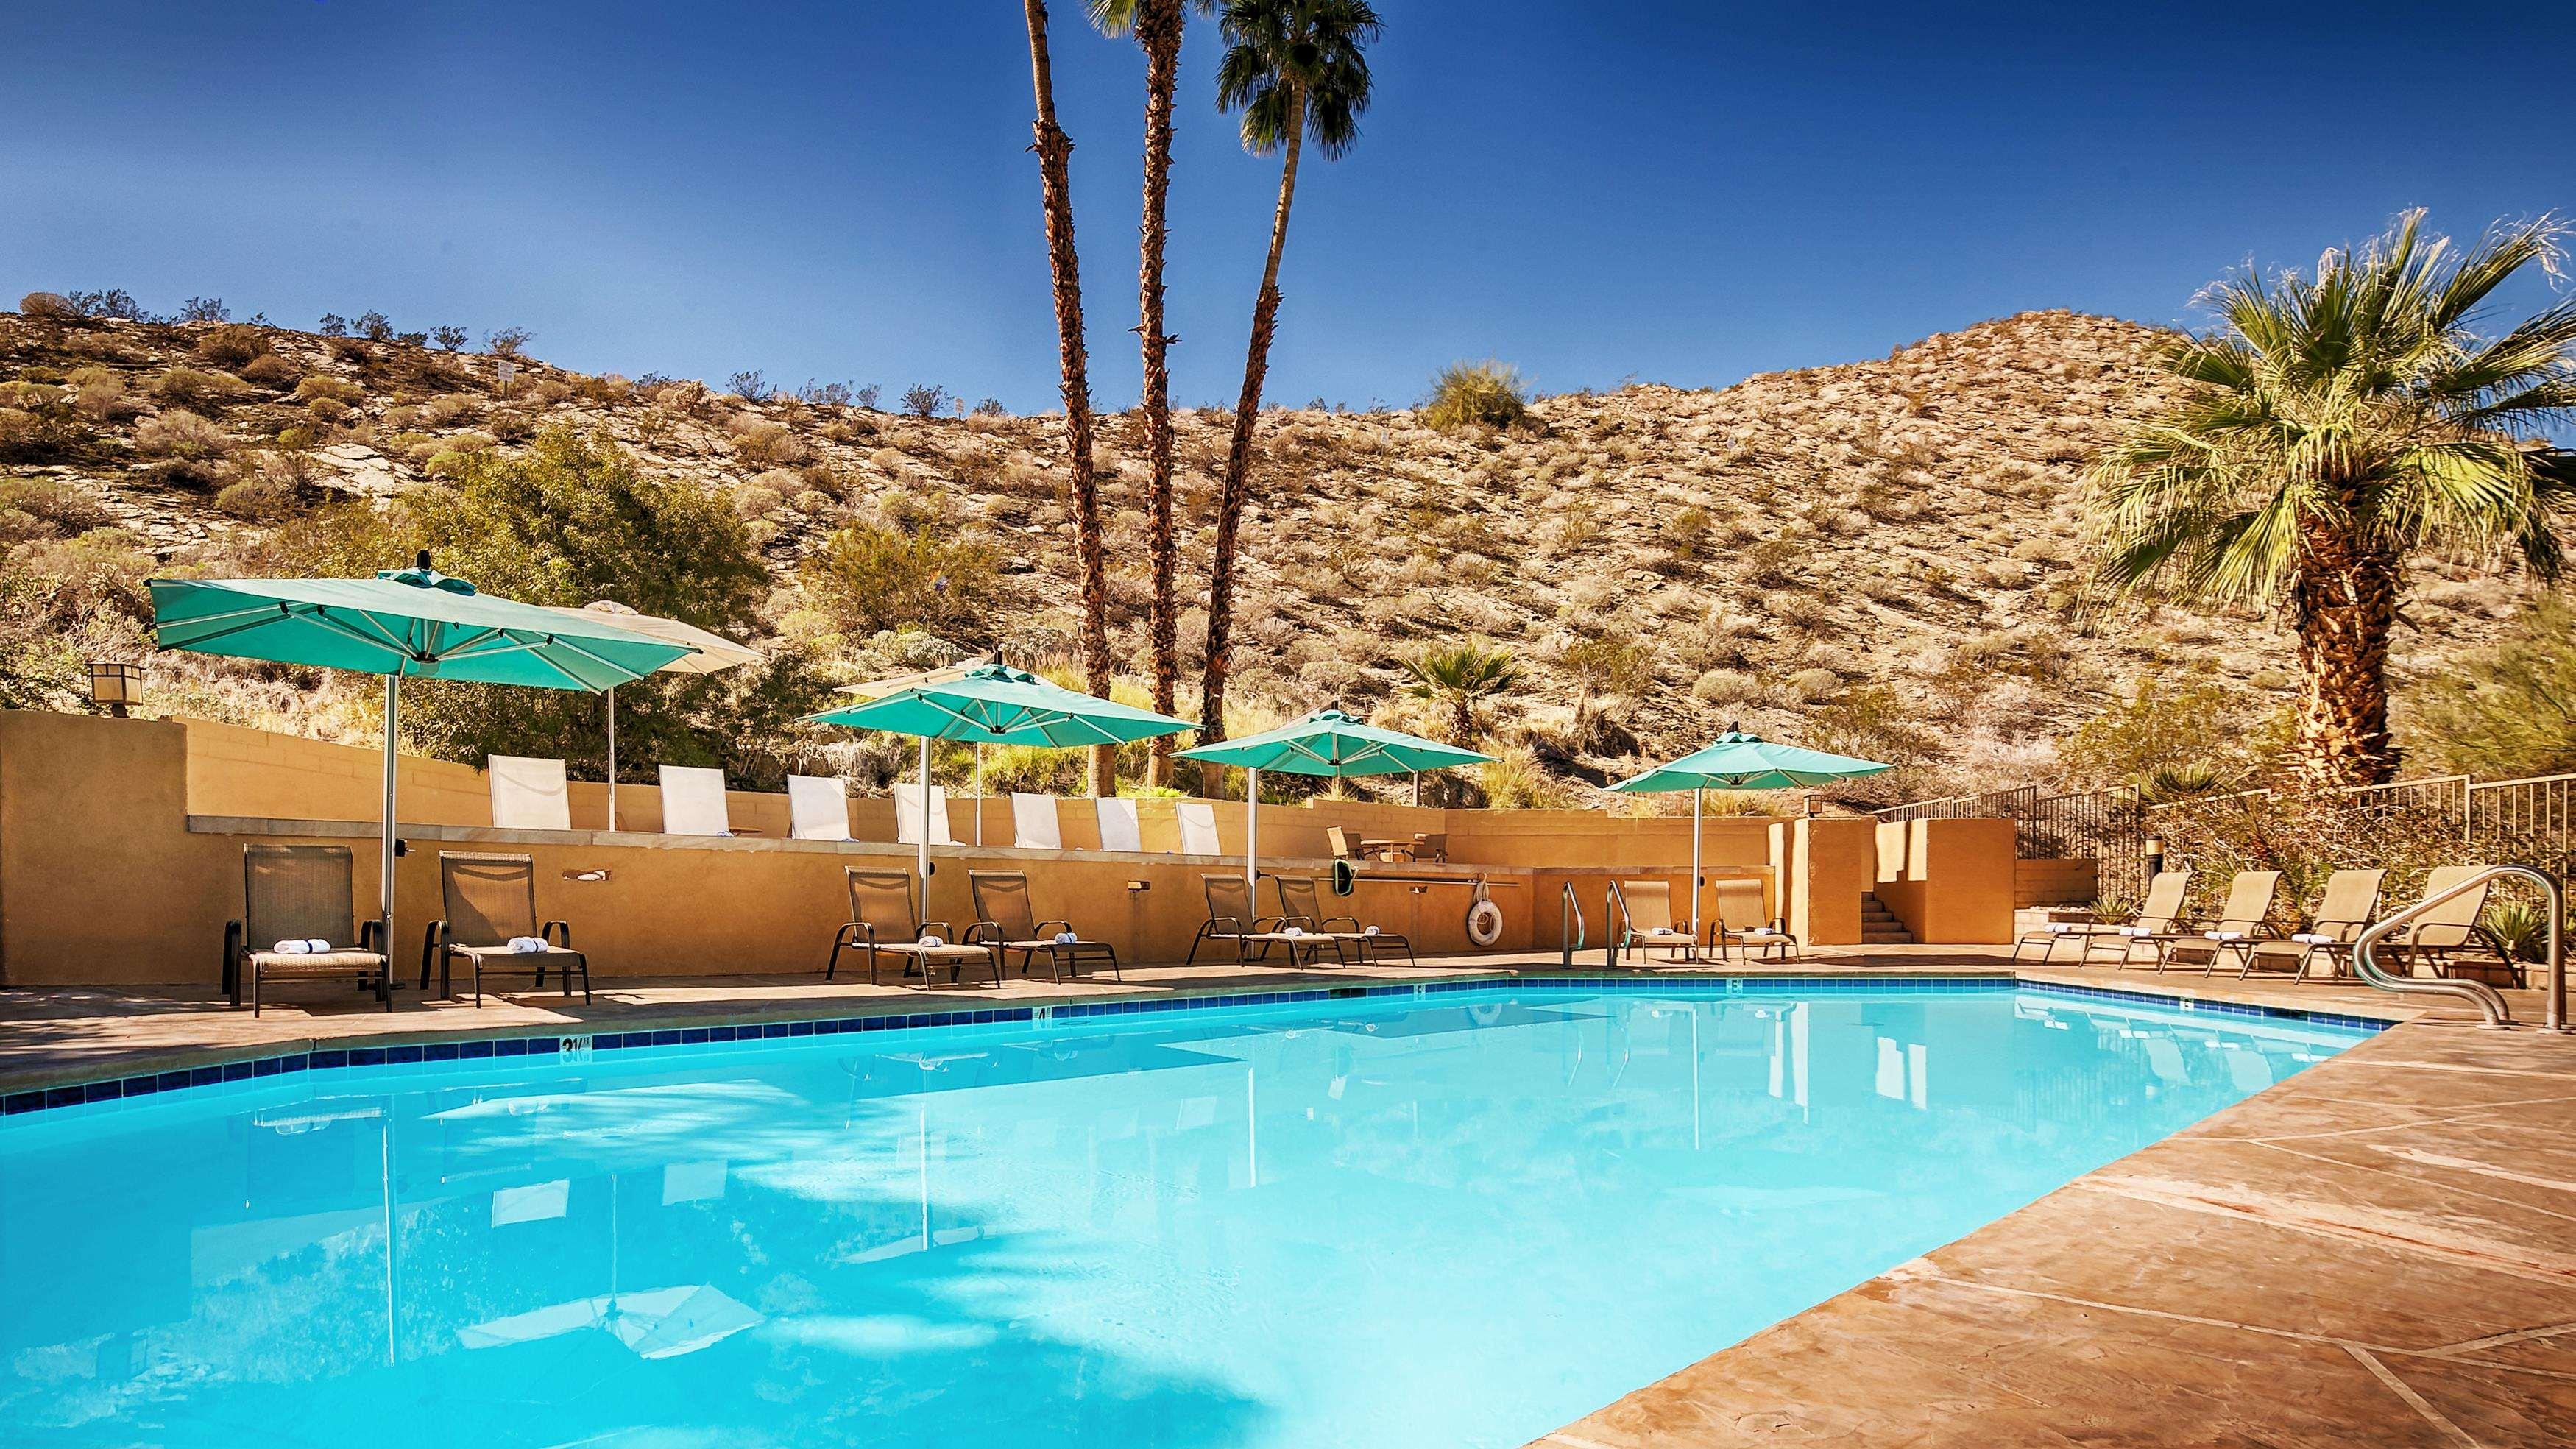 Best Western Inn at Palm Springs image 40